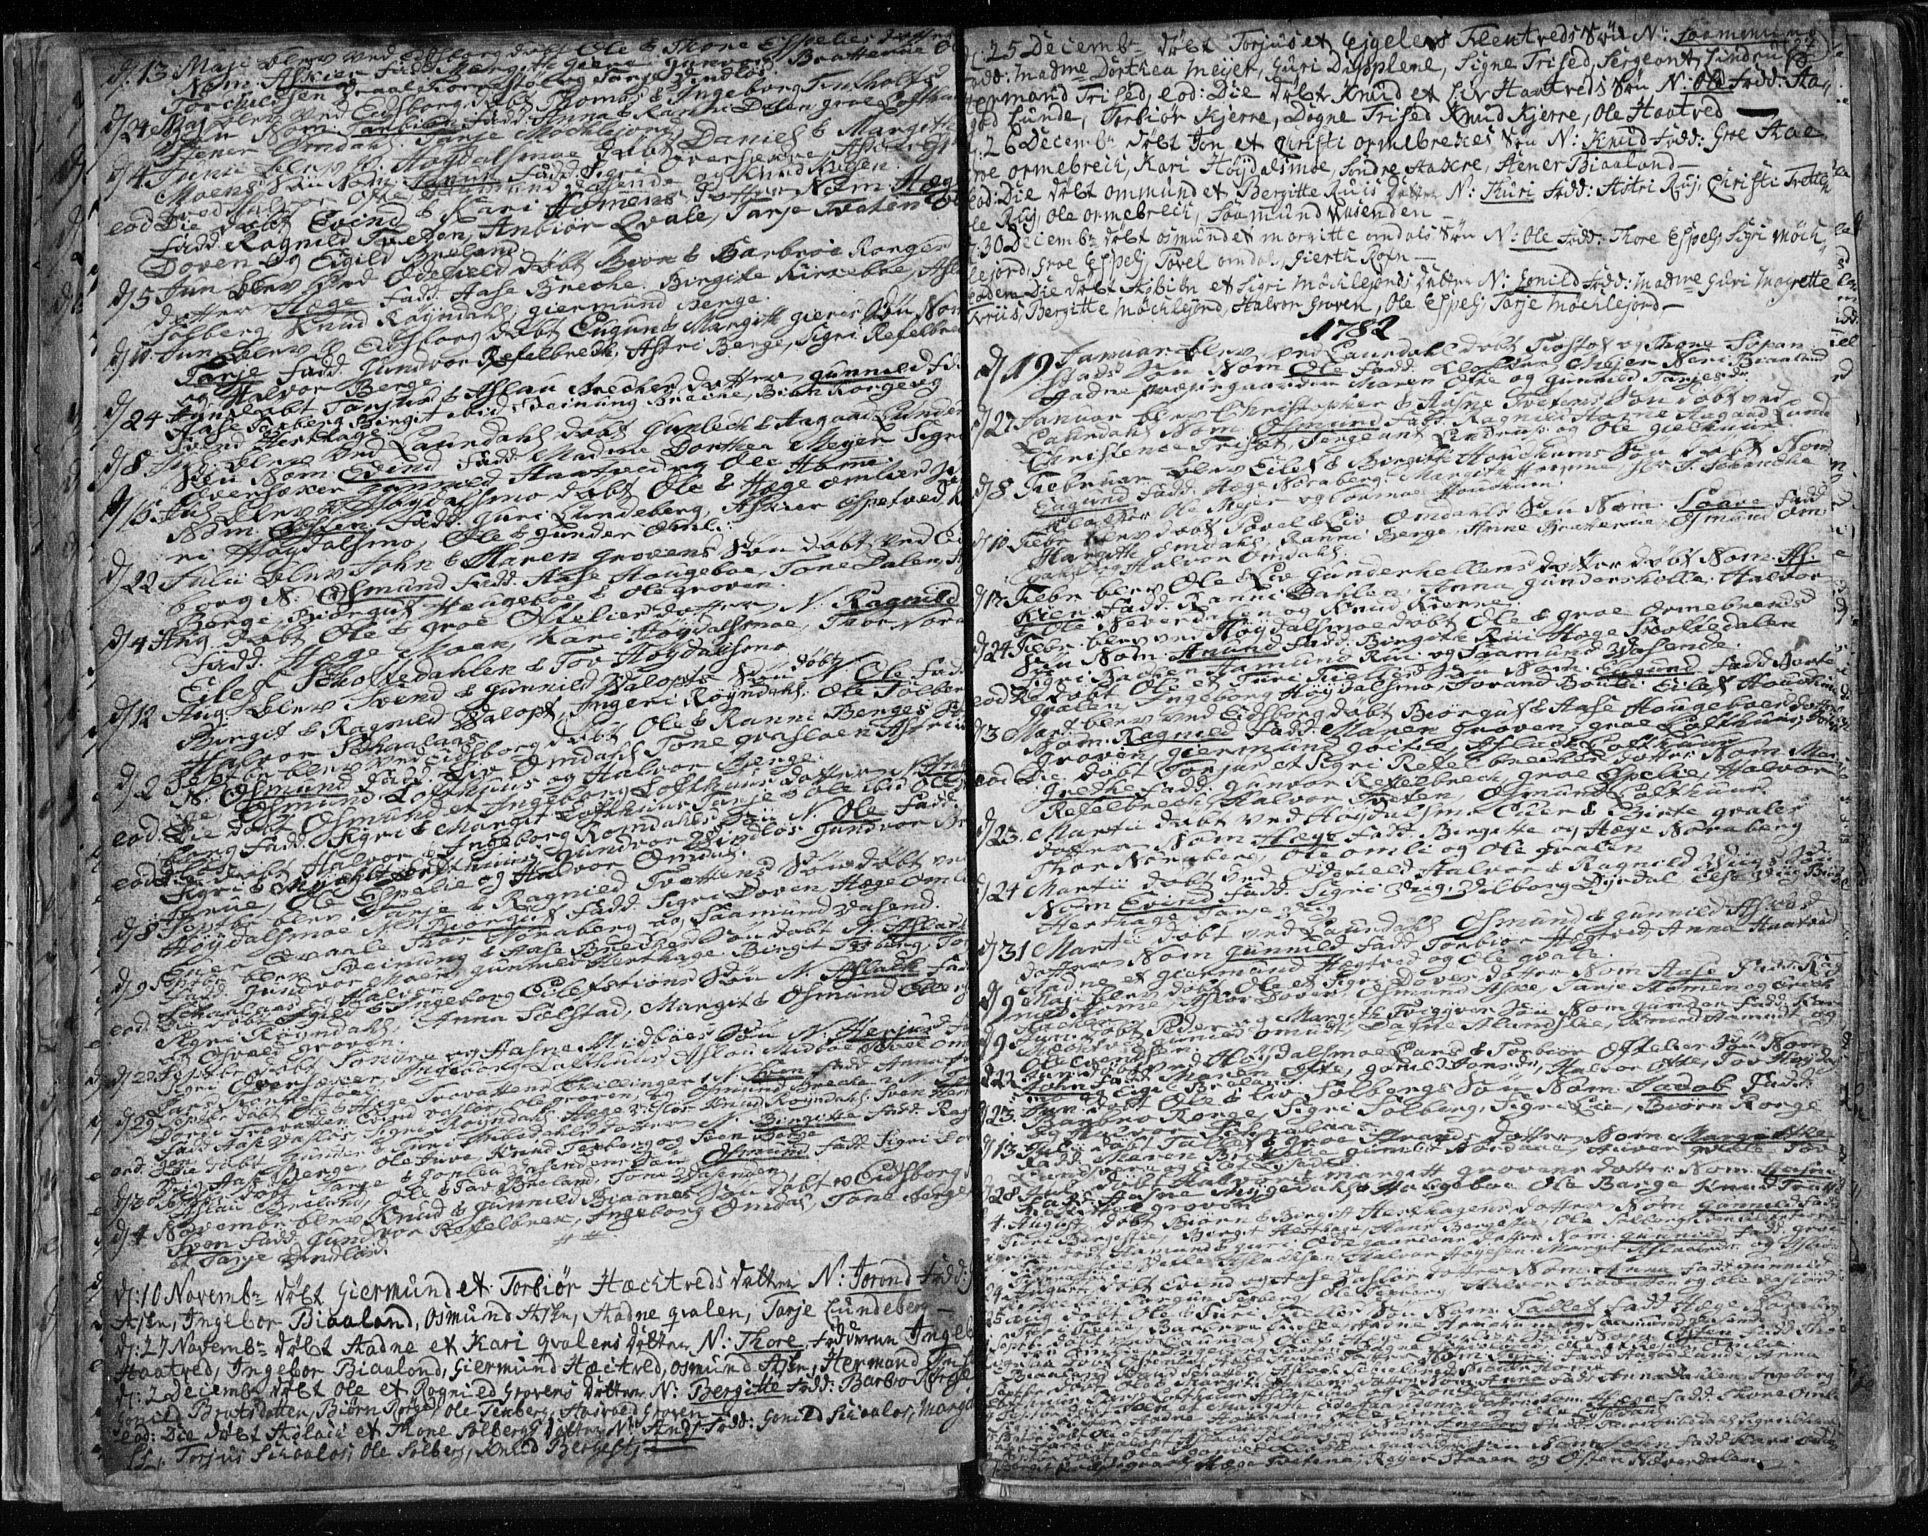 SAKO, Lårdal kirkebøker, F/Fa/L0003: Ministerialbok nr. I 3, 1754-1790, s. 27